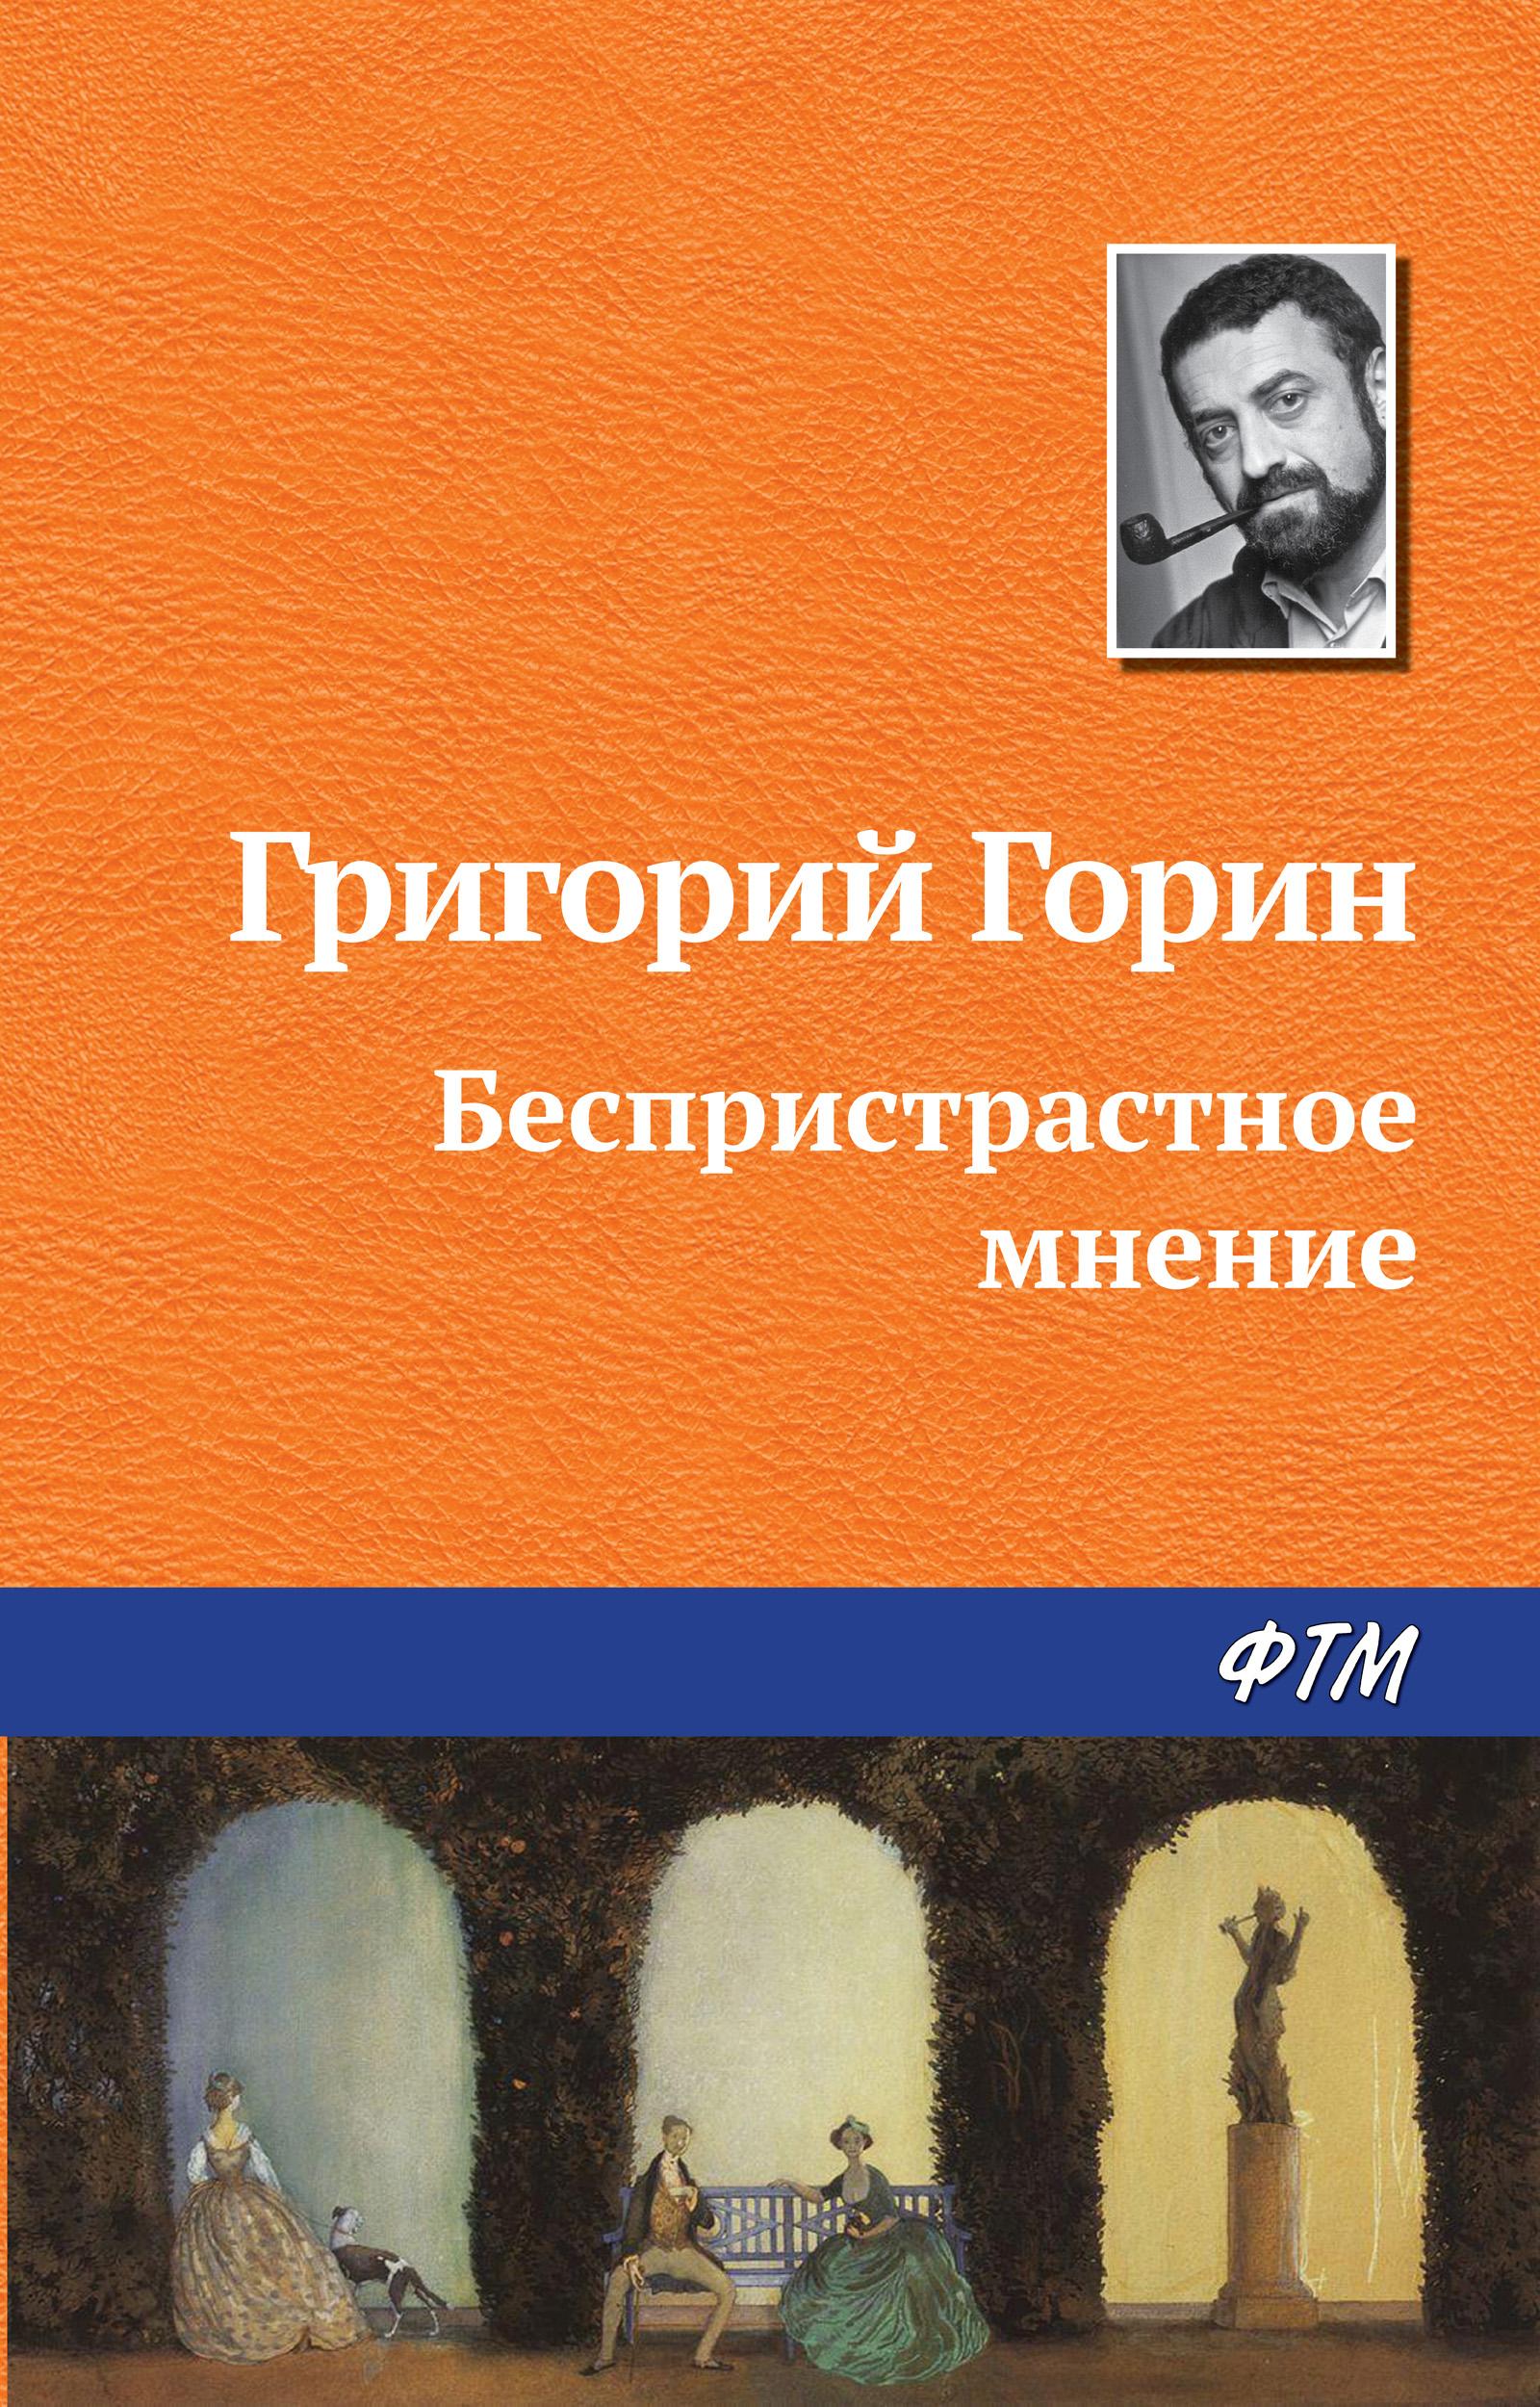 цены на Григорий Горин Беспристрастное мнение  в интернет-магазинах